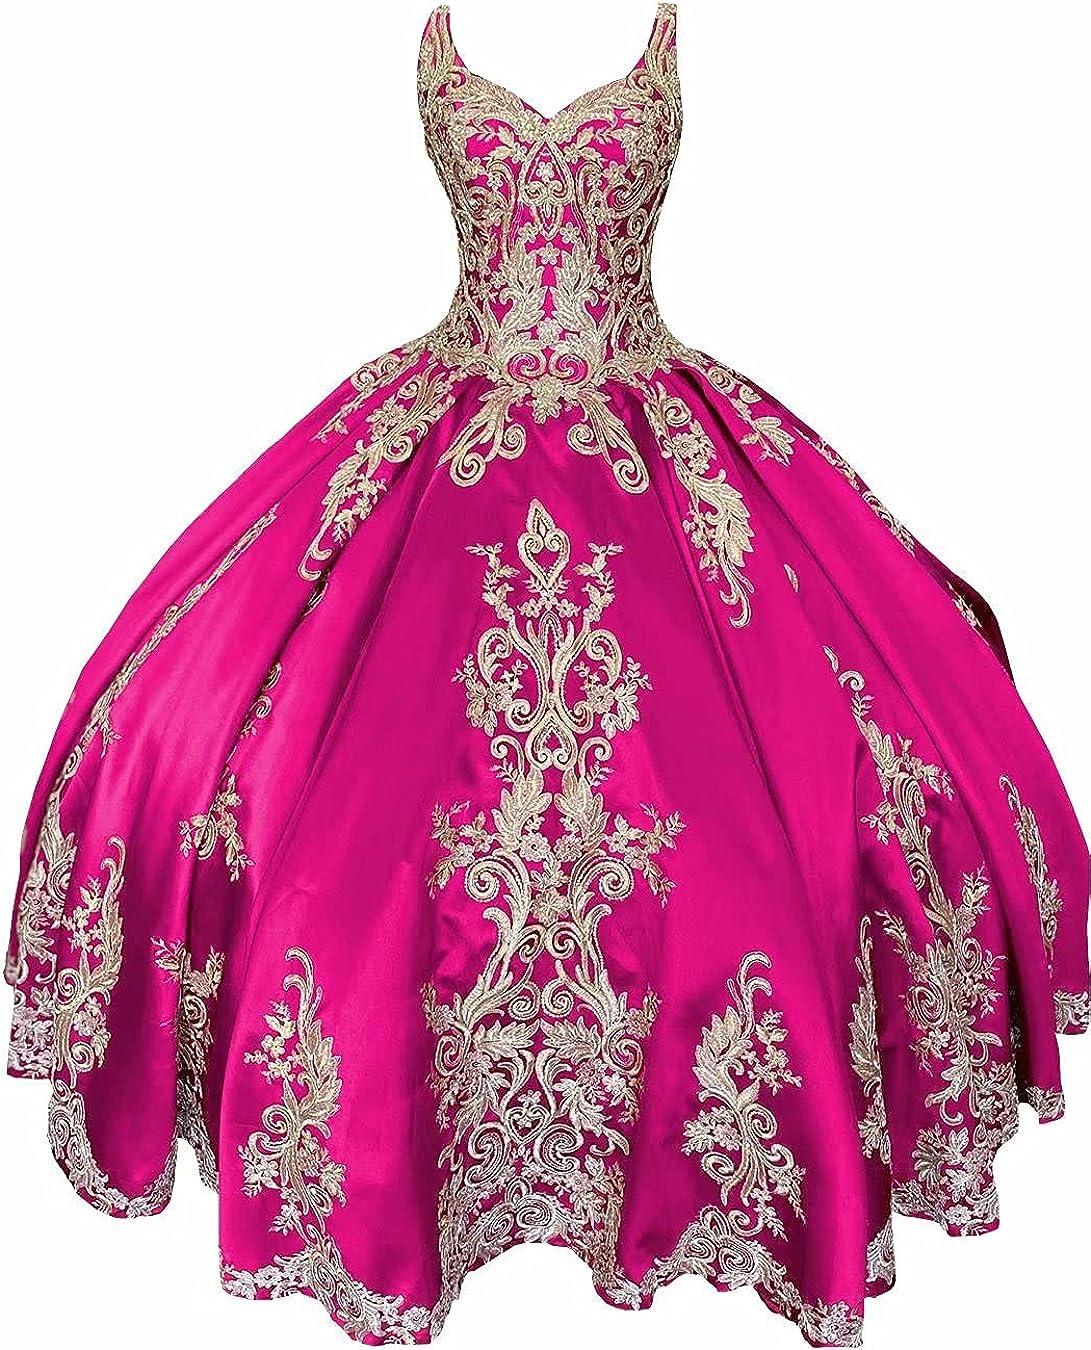 HFAGEMV Gold Embroidered Beaded Quincenaera Dresses Sweet 16 Girls Ball Gowns Dress Women 2021